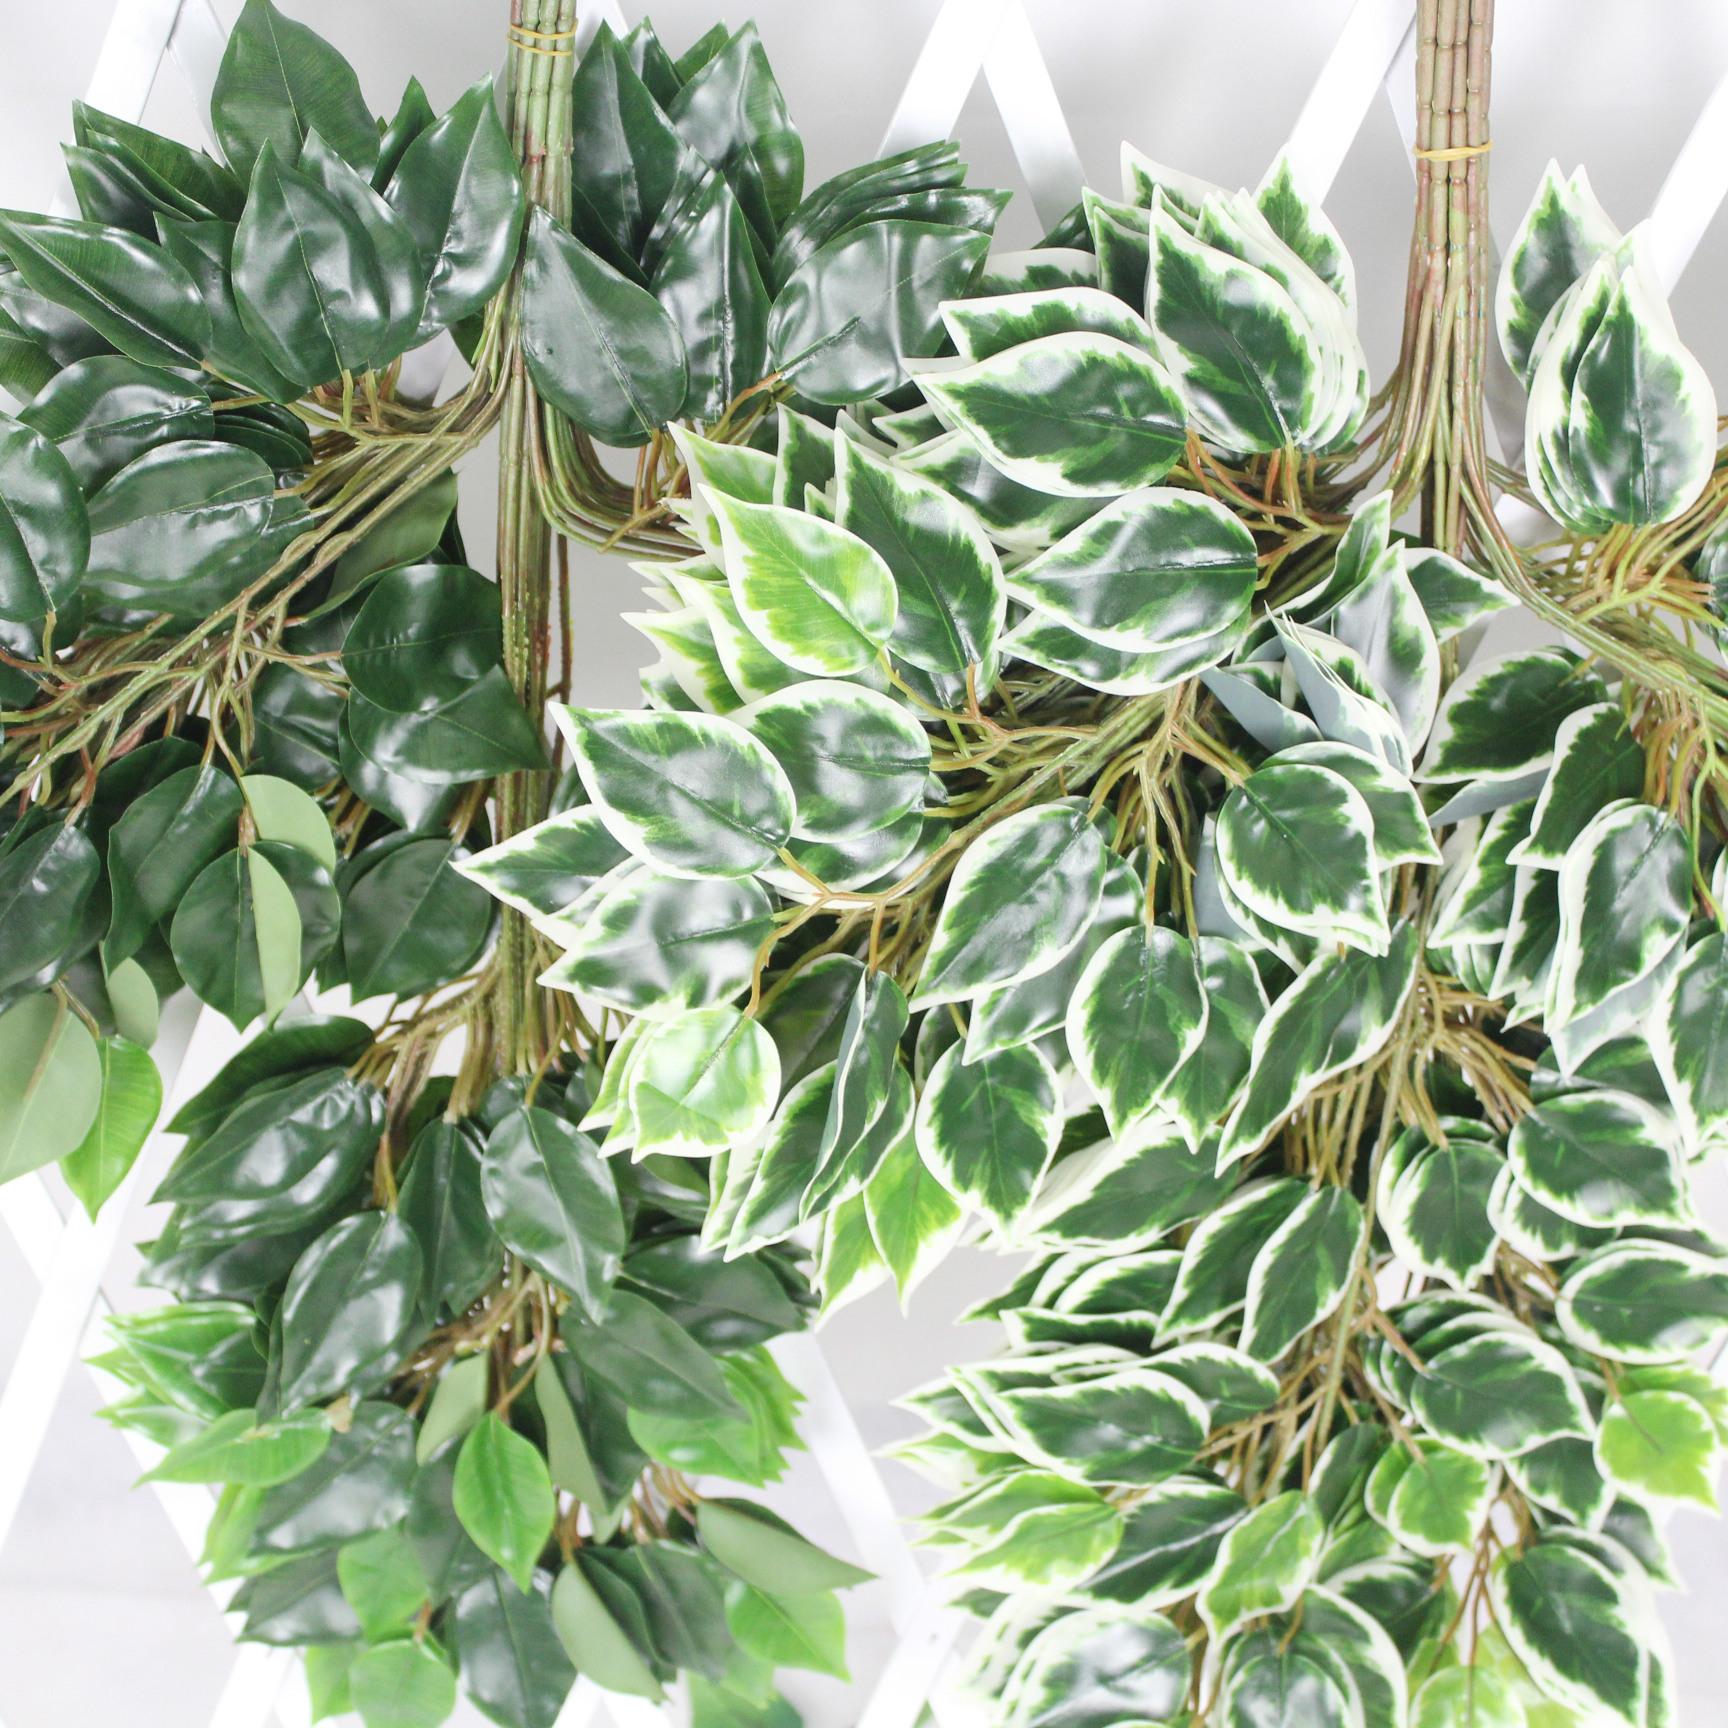 仿真榕树叶胶榕手感榕树枝假树叶榕树仿真叶子园林工程植物装饰